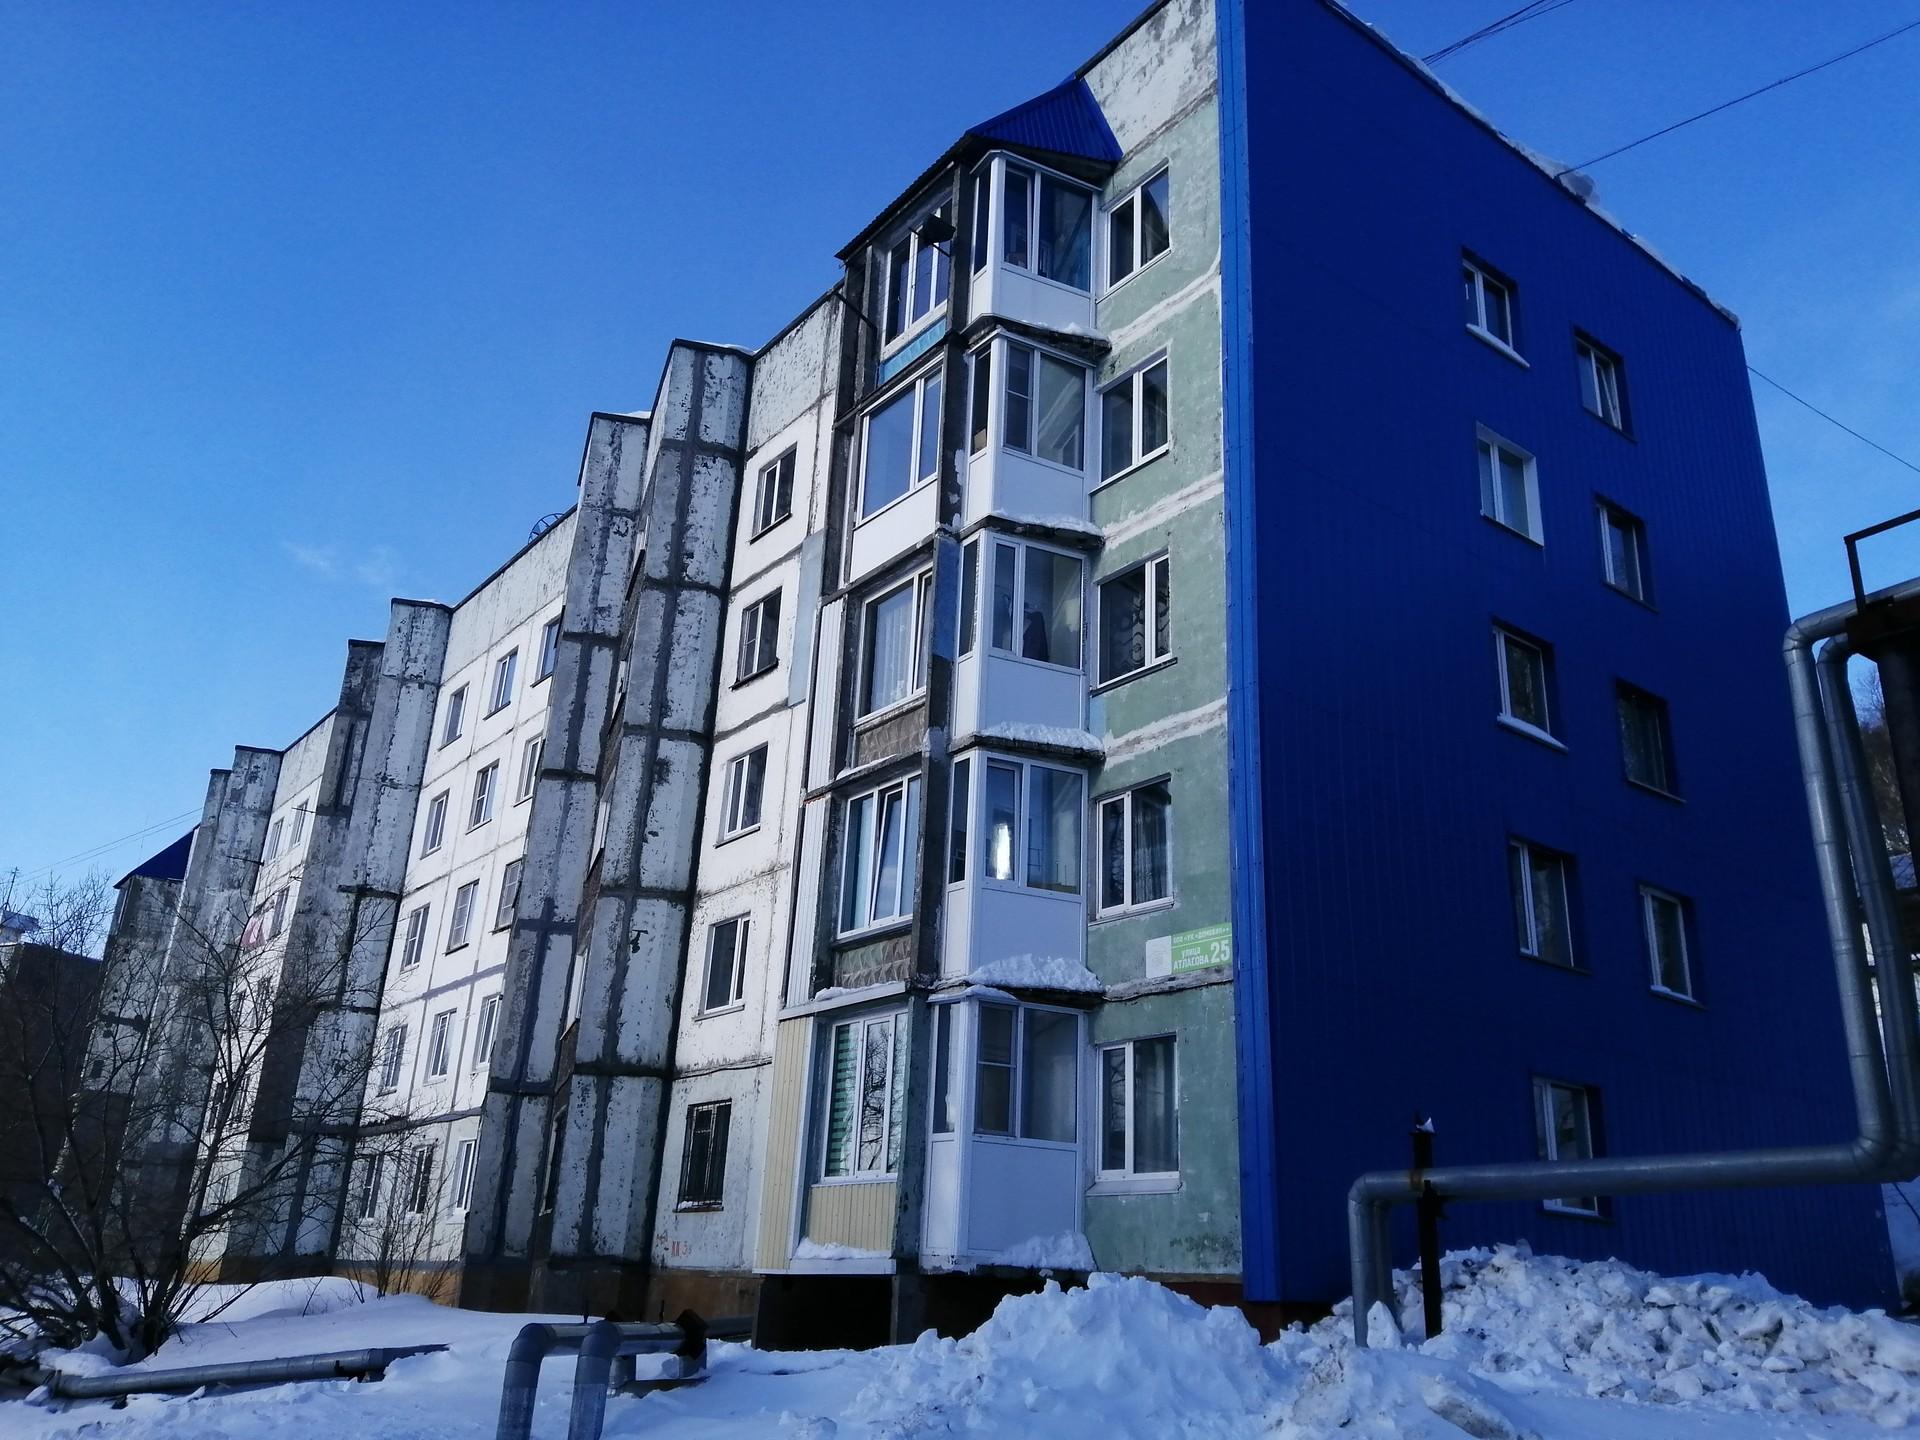 фото и адреса домов в петропавловске камчатском